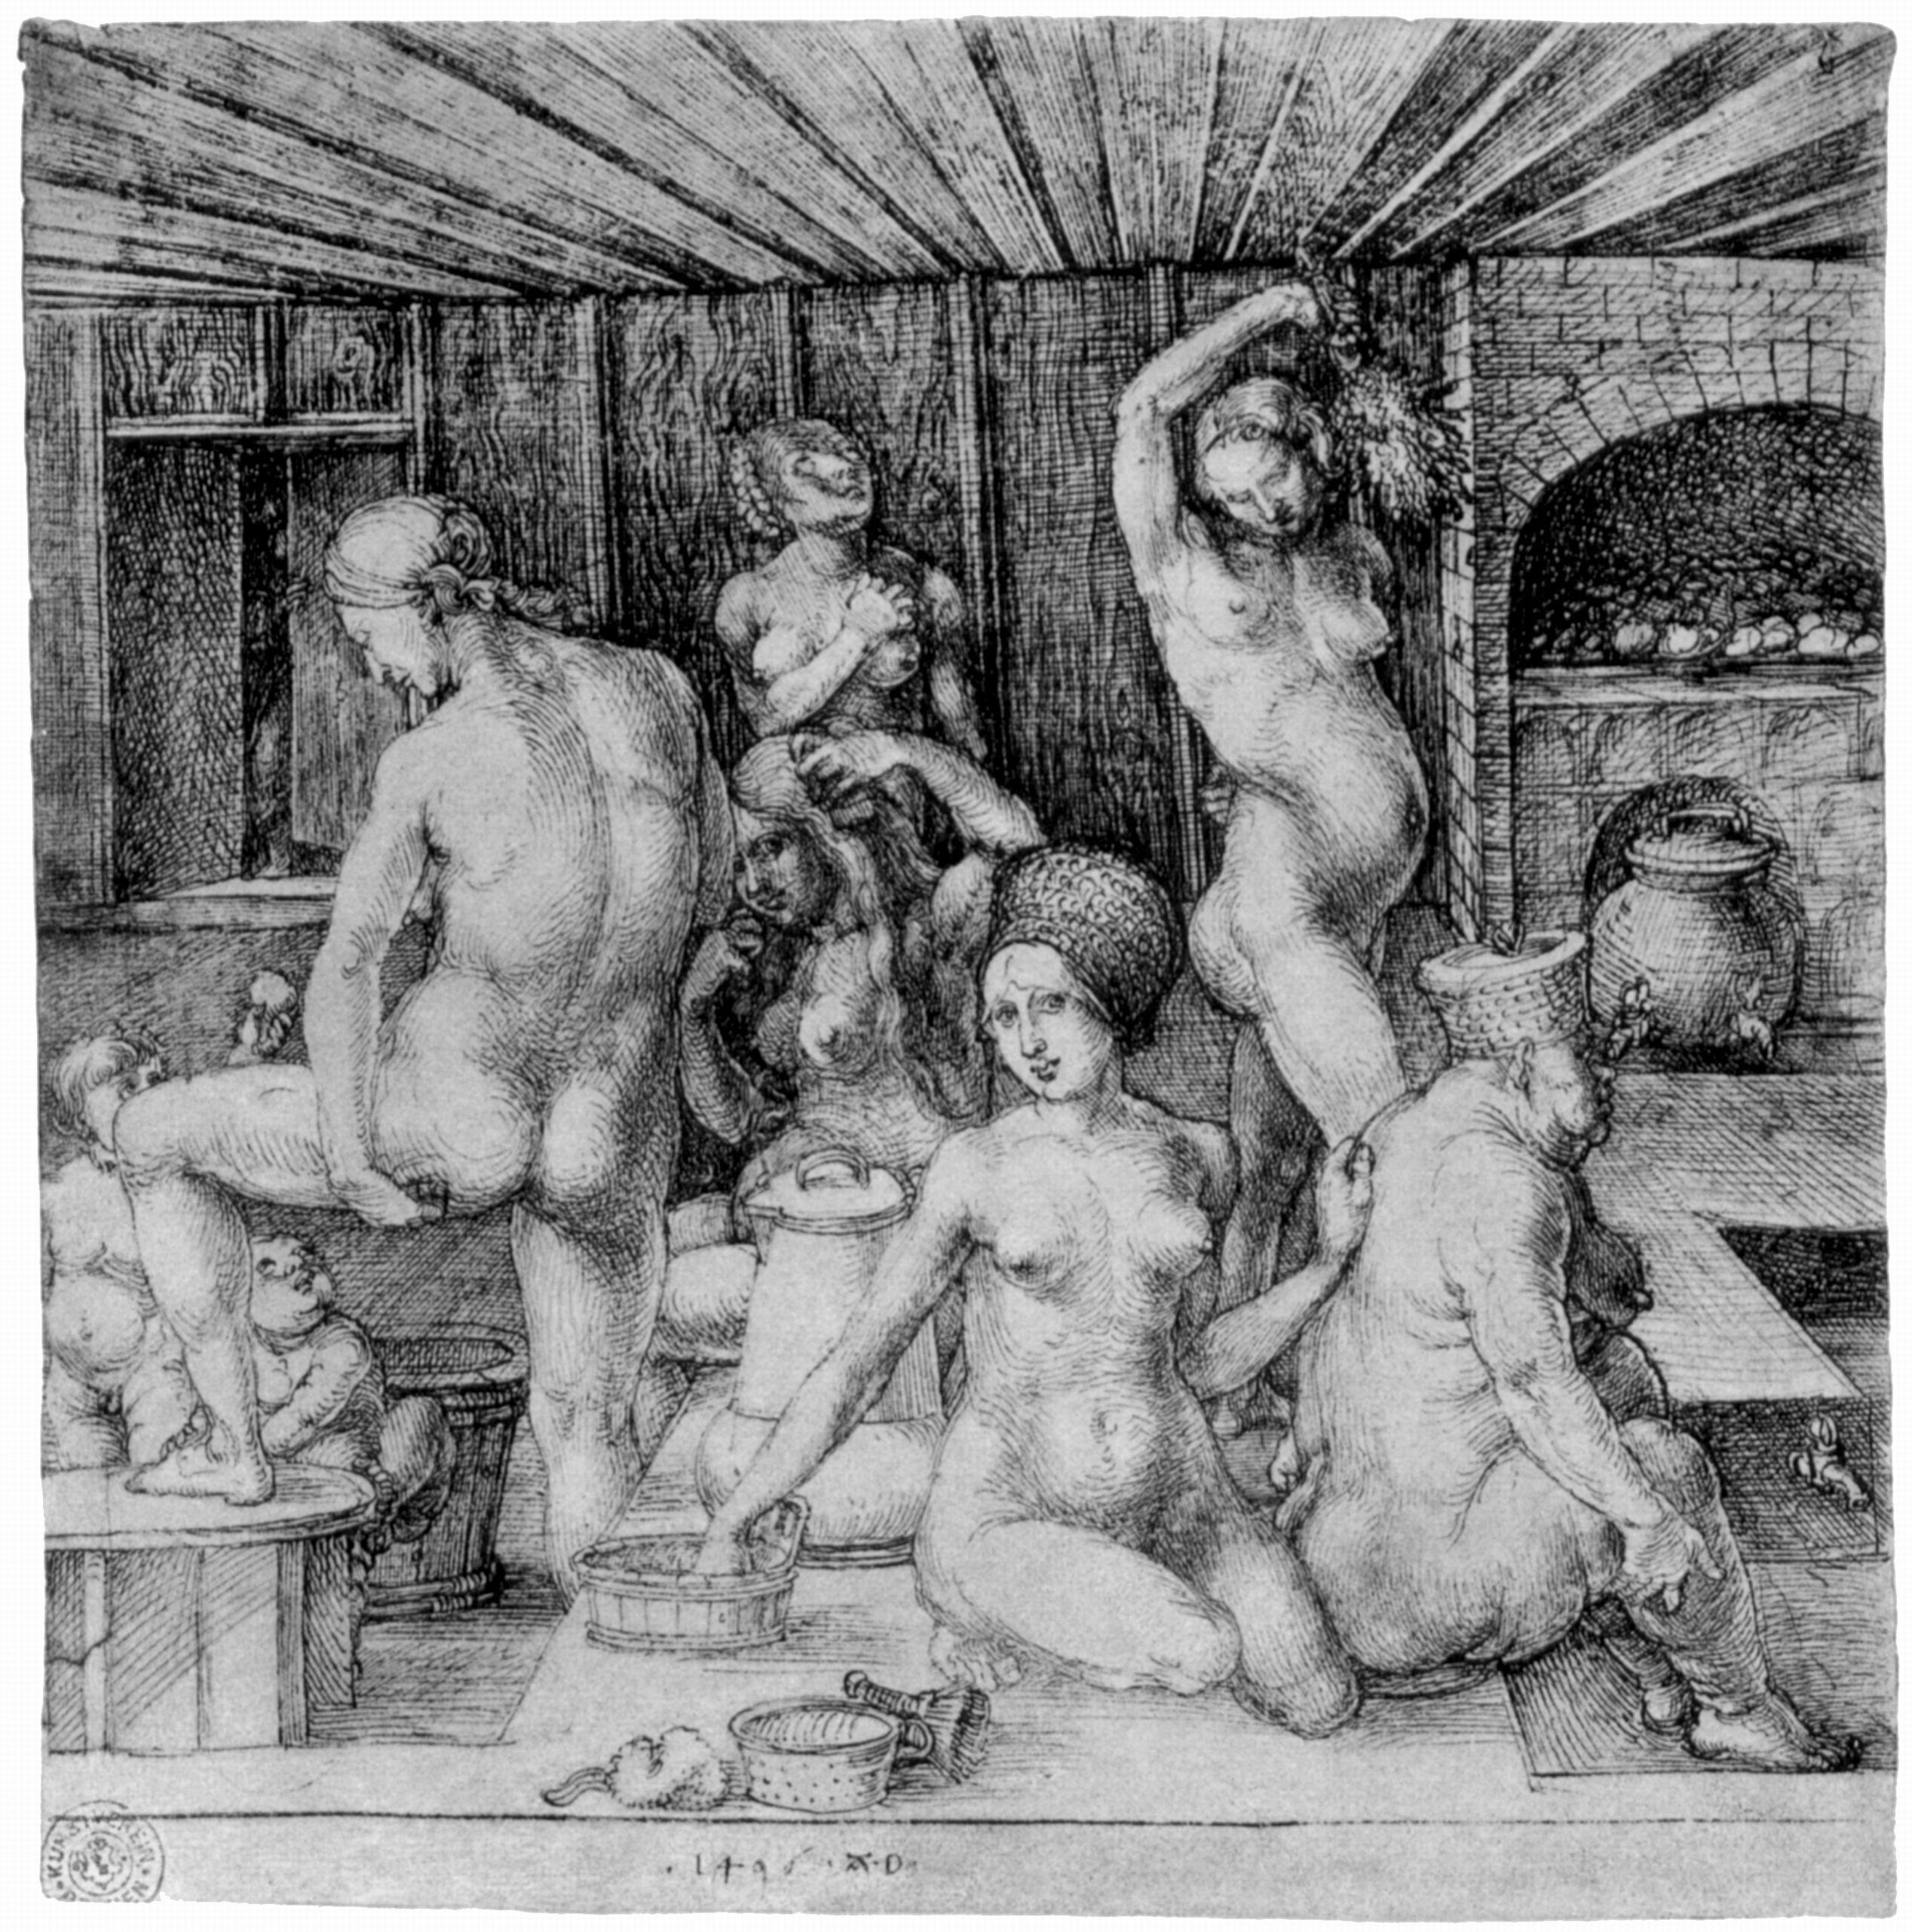 Эротические средневековые картинки 9 фотография